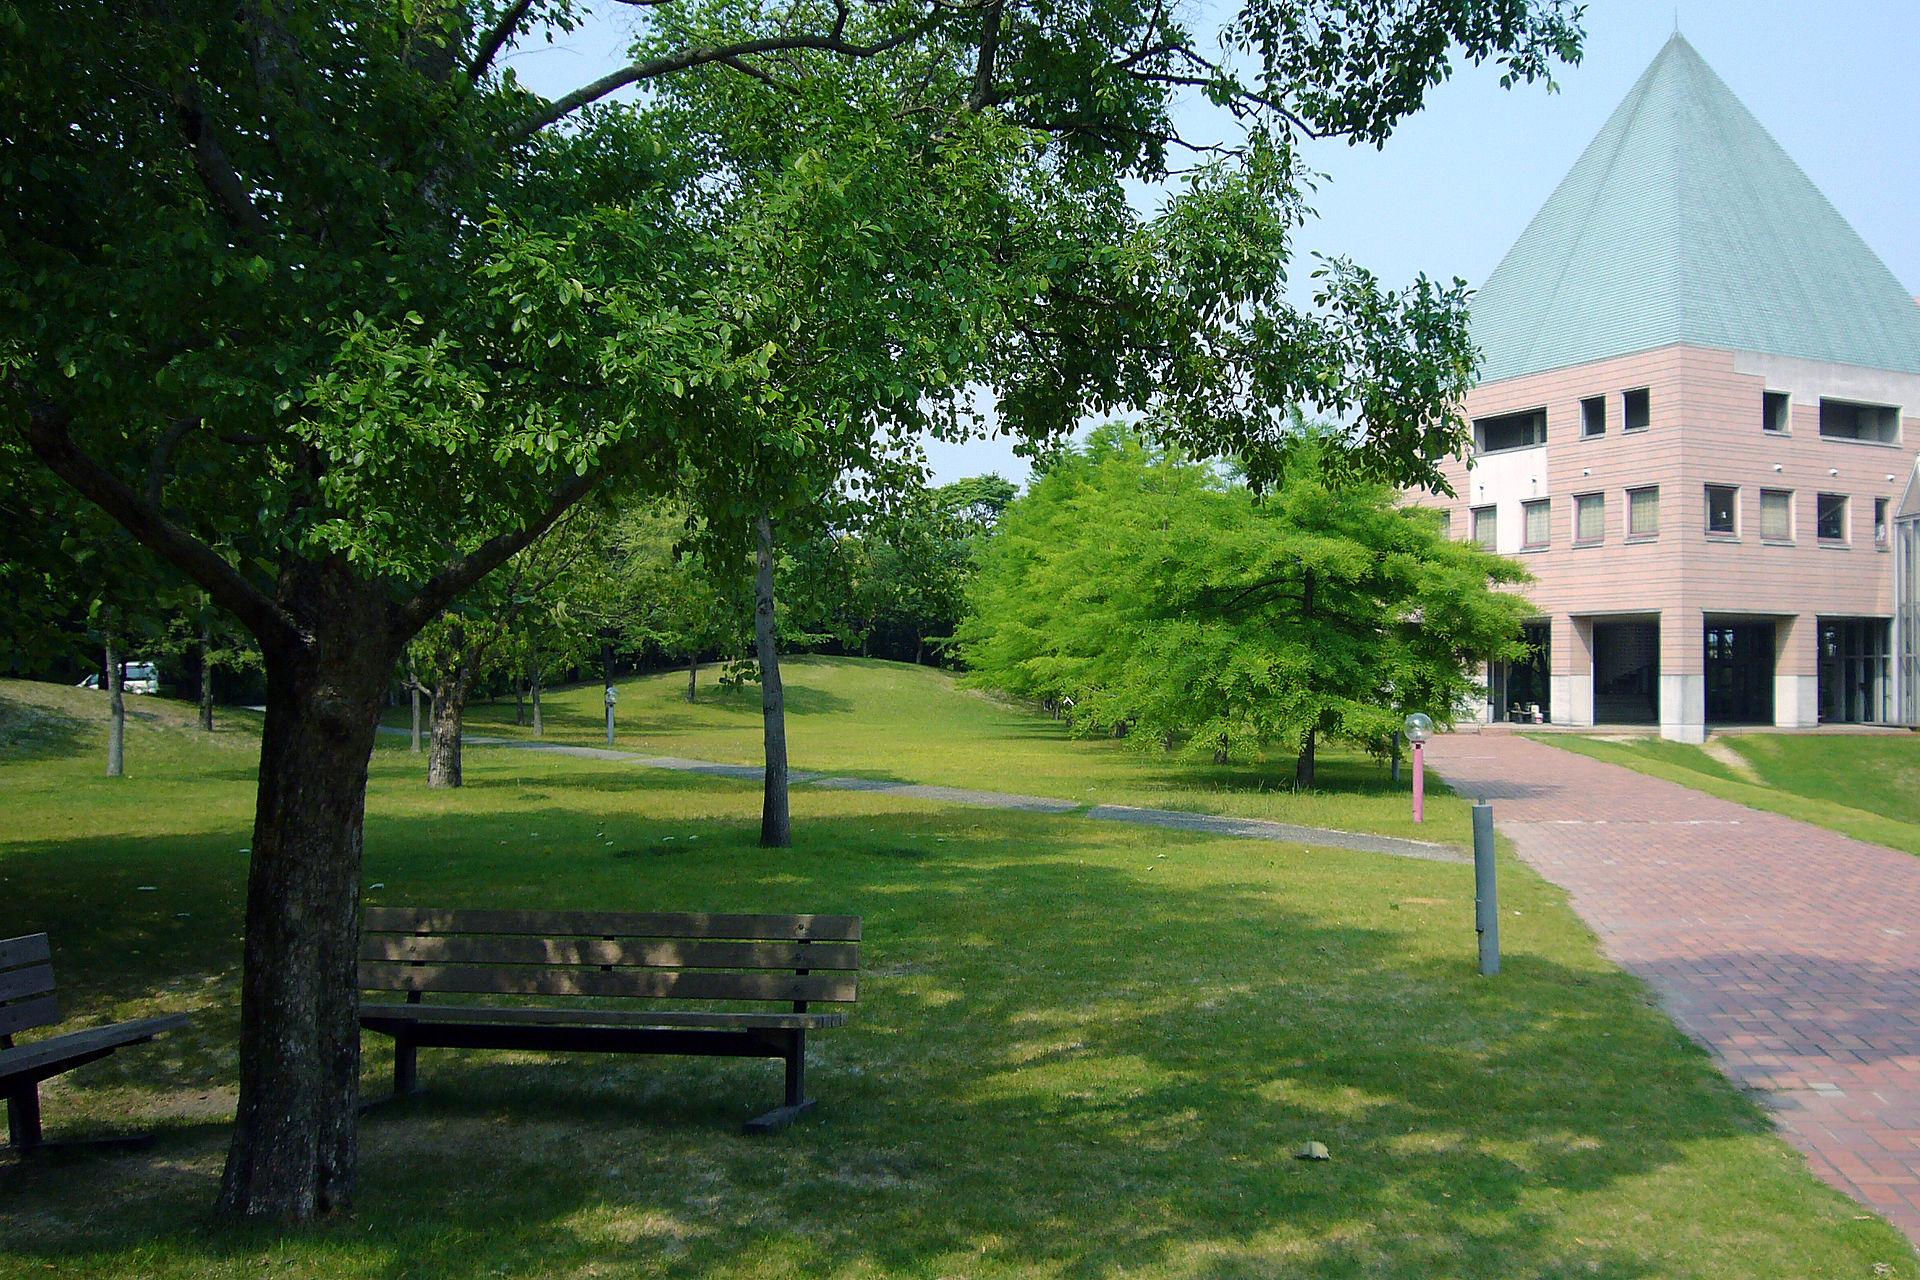 Universidad de arte de osaka wikipedia la enciclopedia for Universidad de arte